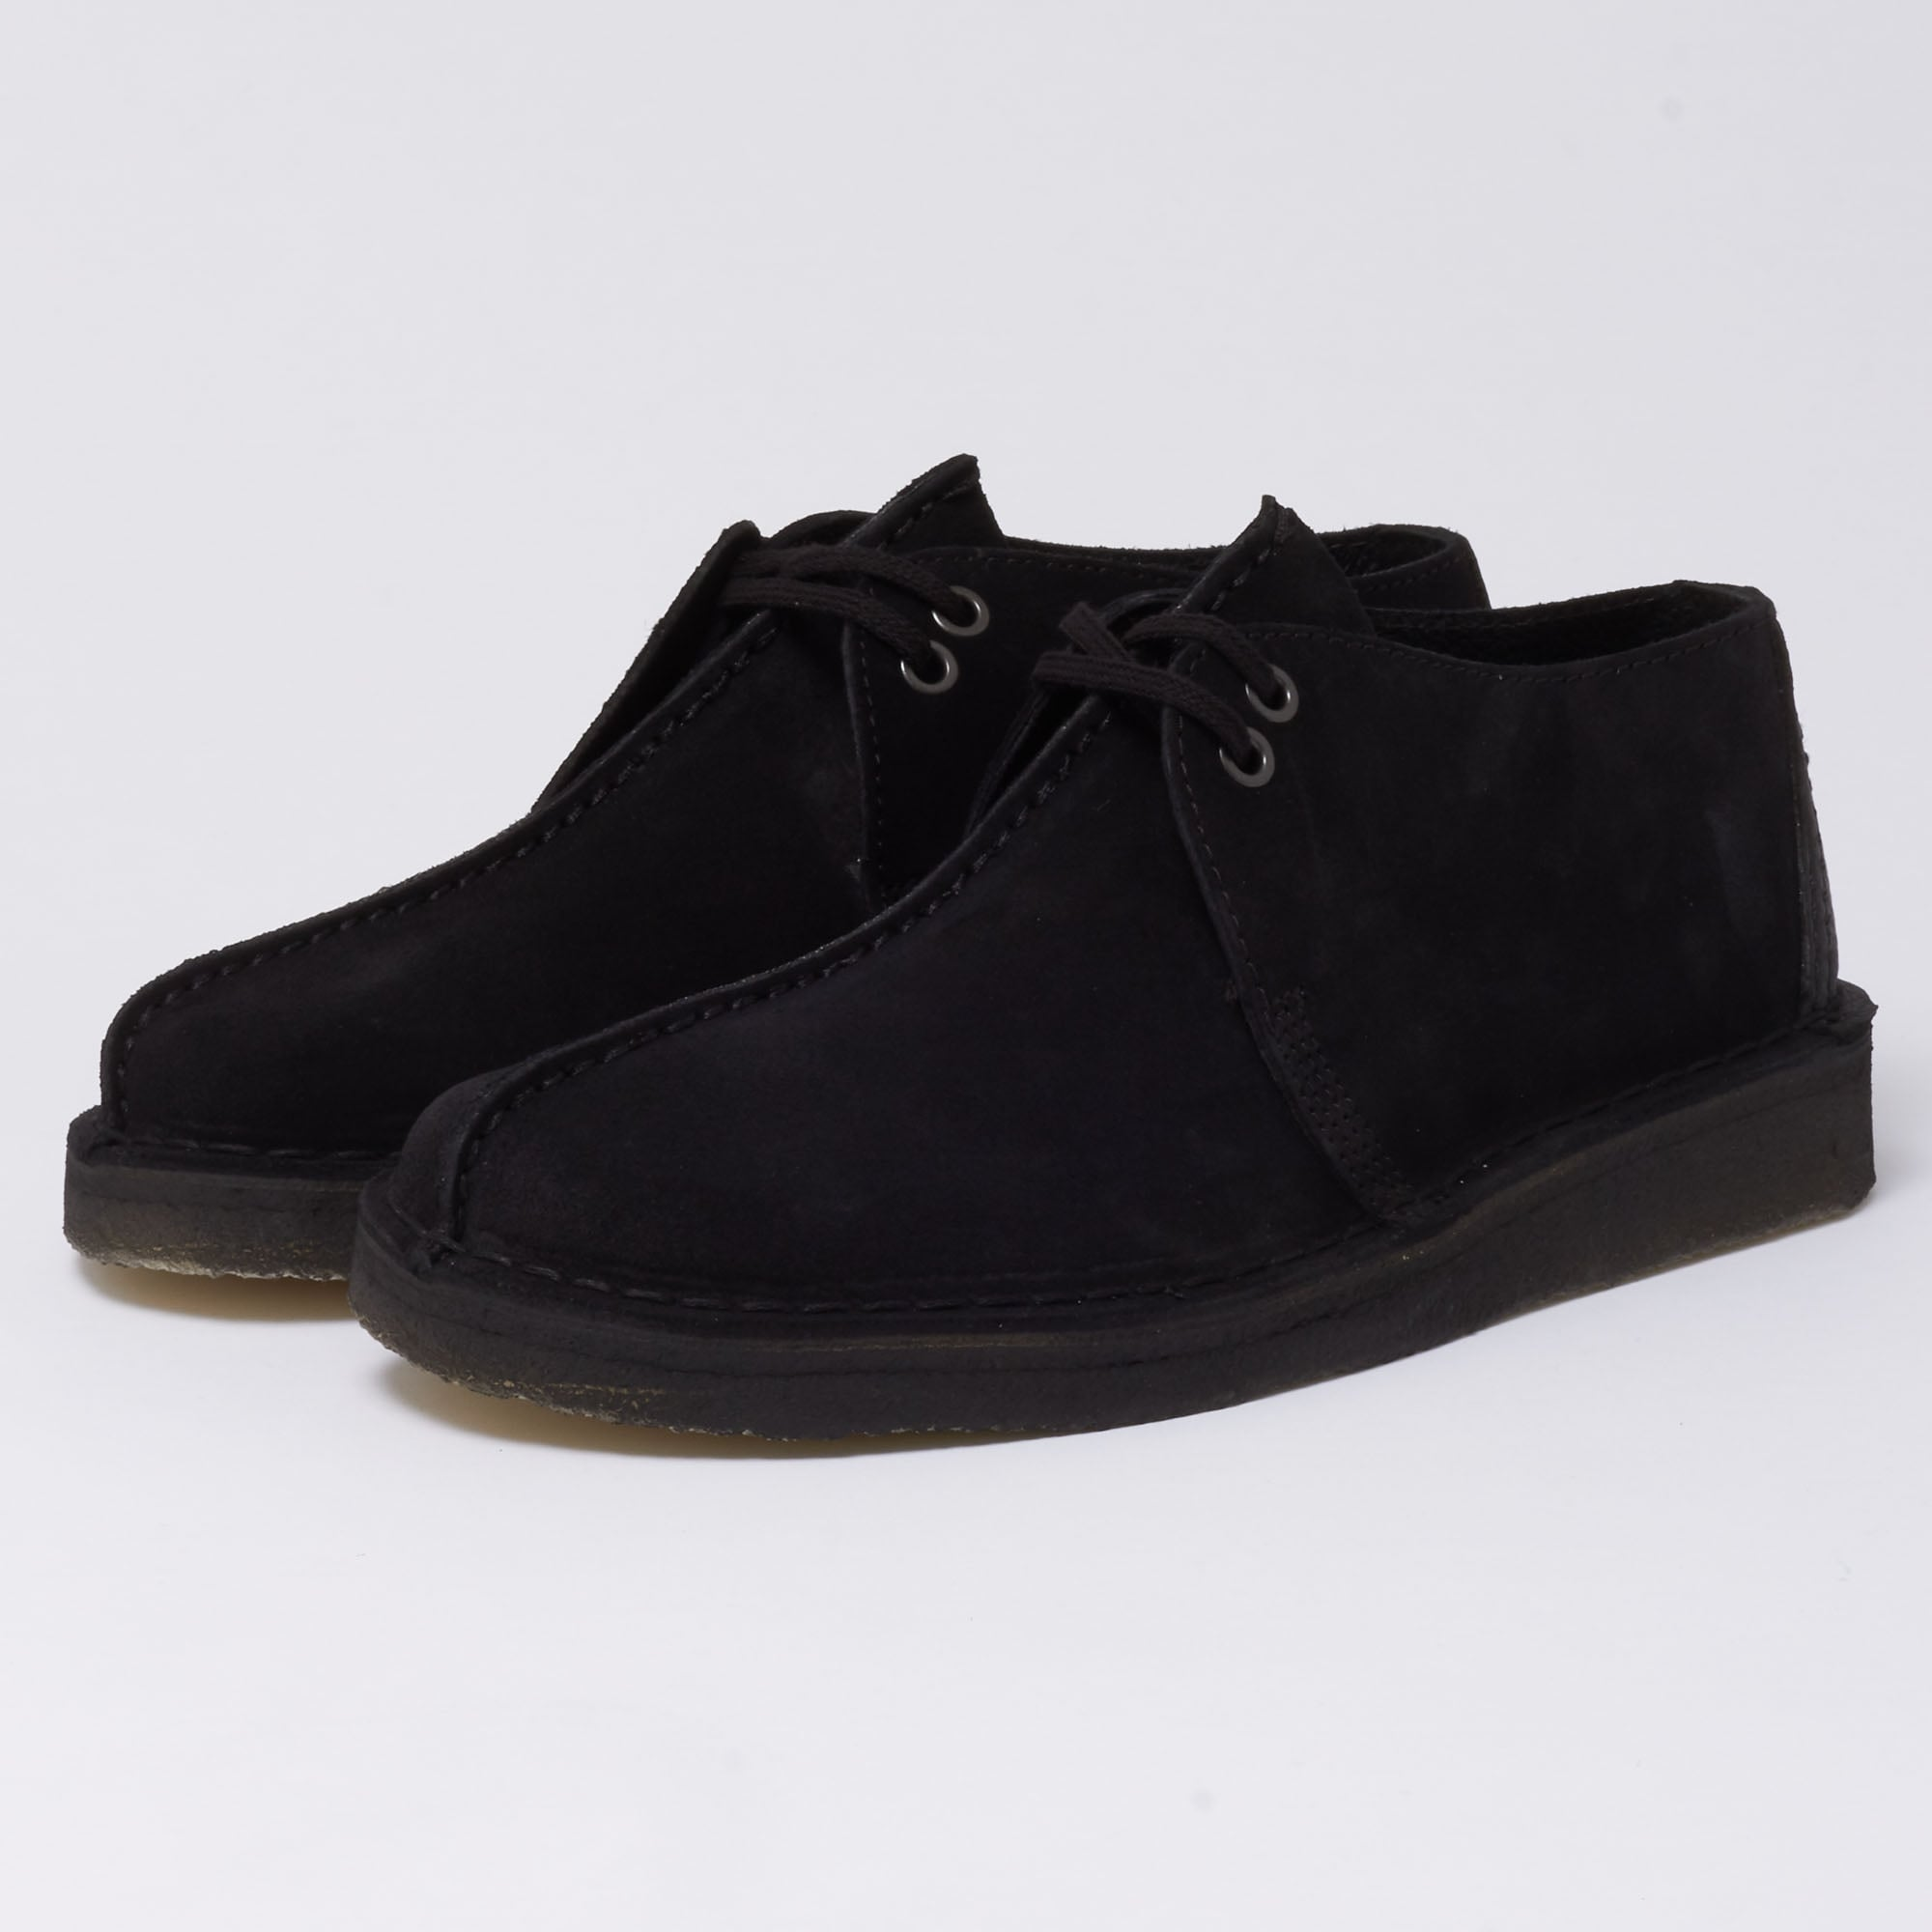 Clarks Originals Desert Trek Shoe Black